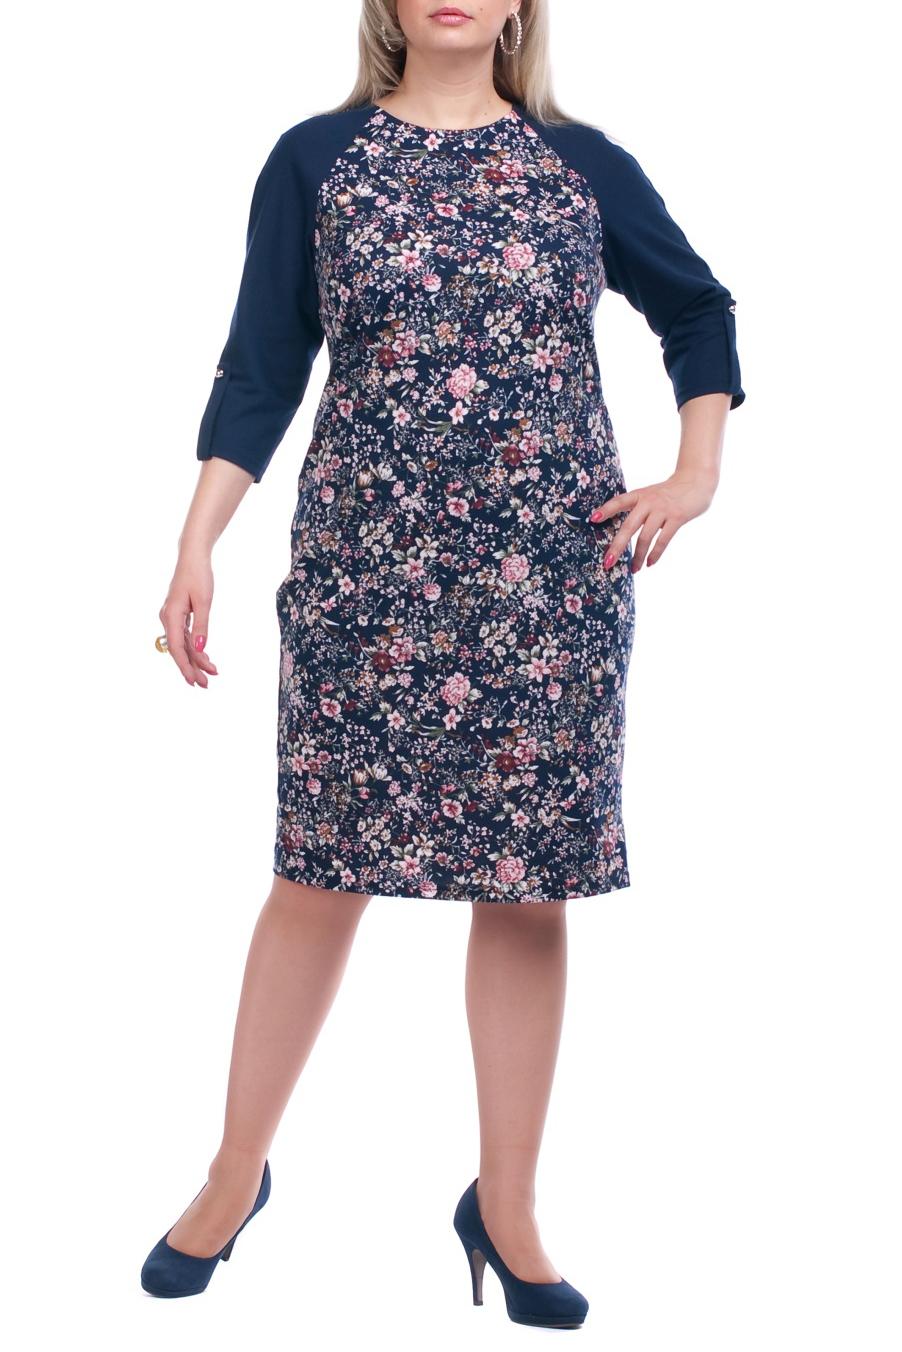 ПлатьеПлатья<br>Повседневное платье с круглой горловиной и рукавами 3/4. Модель выполнена из плотного трикотажа. Отличный выбор для повседневного гардероба.  Цвет: синий, розовый  Рост девушки-фотомодели 173 см.<br><br>Горловина: С- горловина<br>По длине: Ниже колена<br>По материалу: Вискоза,Трикотаж<br>По рисунку: Растительные мотивы,Цветные,Цветочные,С принтом<br>По сезону: Весна,Осень,Зима<br>По силуэту: Полуприталенные<br>По стилю: Повседневный стиль<br>По форме: Платье - футляр<br>По элементам: С патами,С карманами<br>Рукав: Рукав три четверти<br>Размер : 52,54,56,58,60,62,64,66,68,70<br>Материал: Трикотаж<br>Количество в наличии: 28